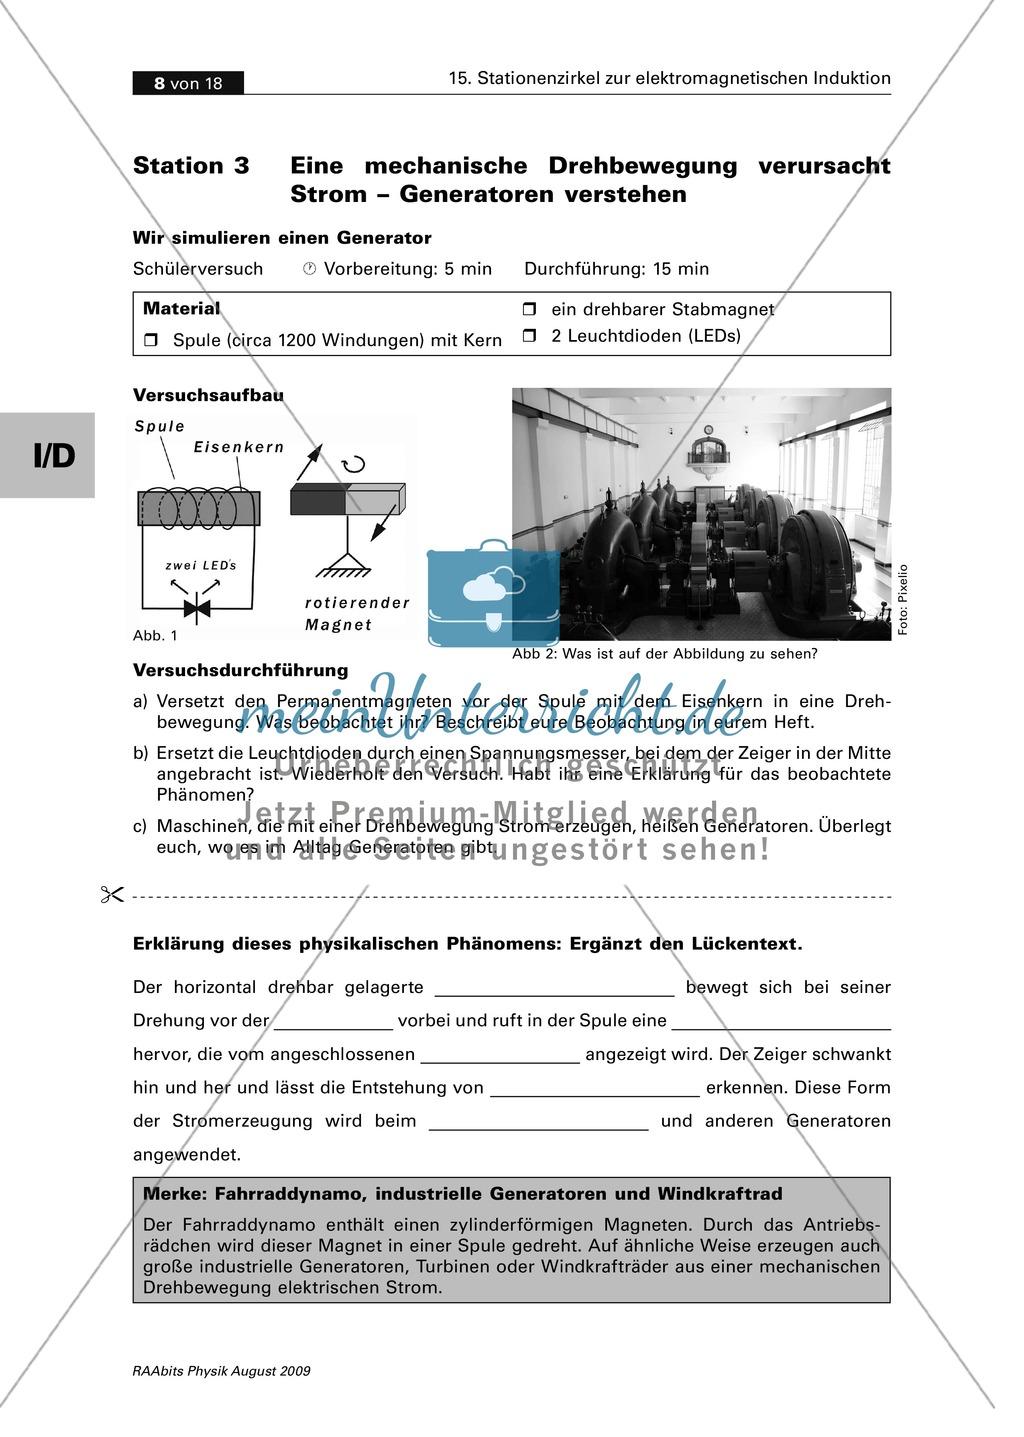 Elektrizitätslehre: Stationenlernen zum Thema elektromagnetische ...